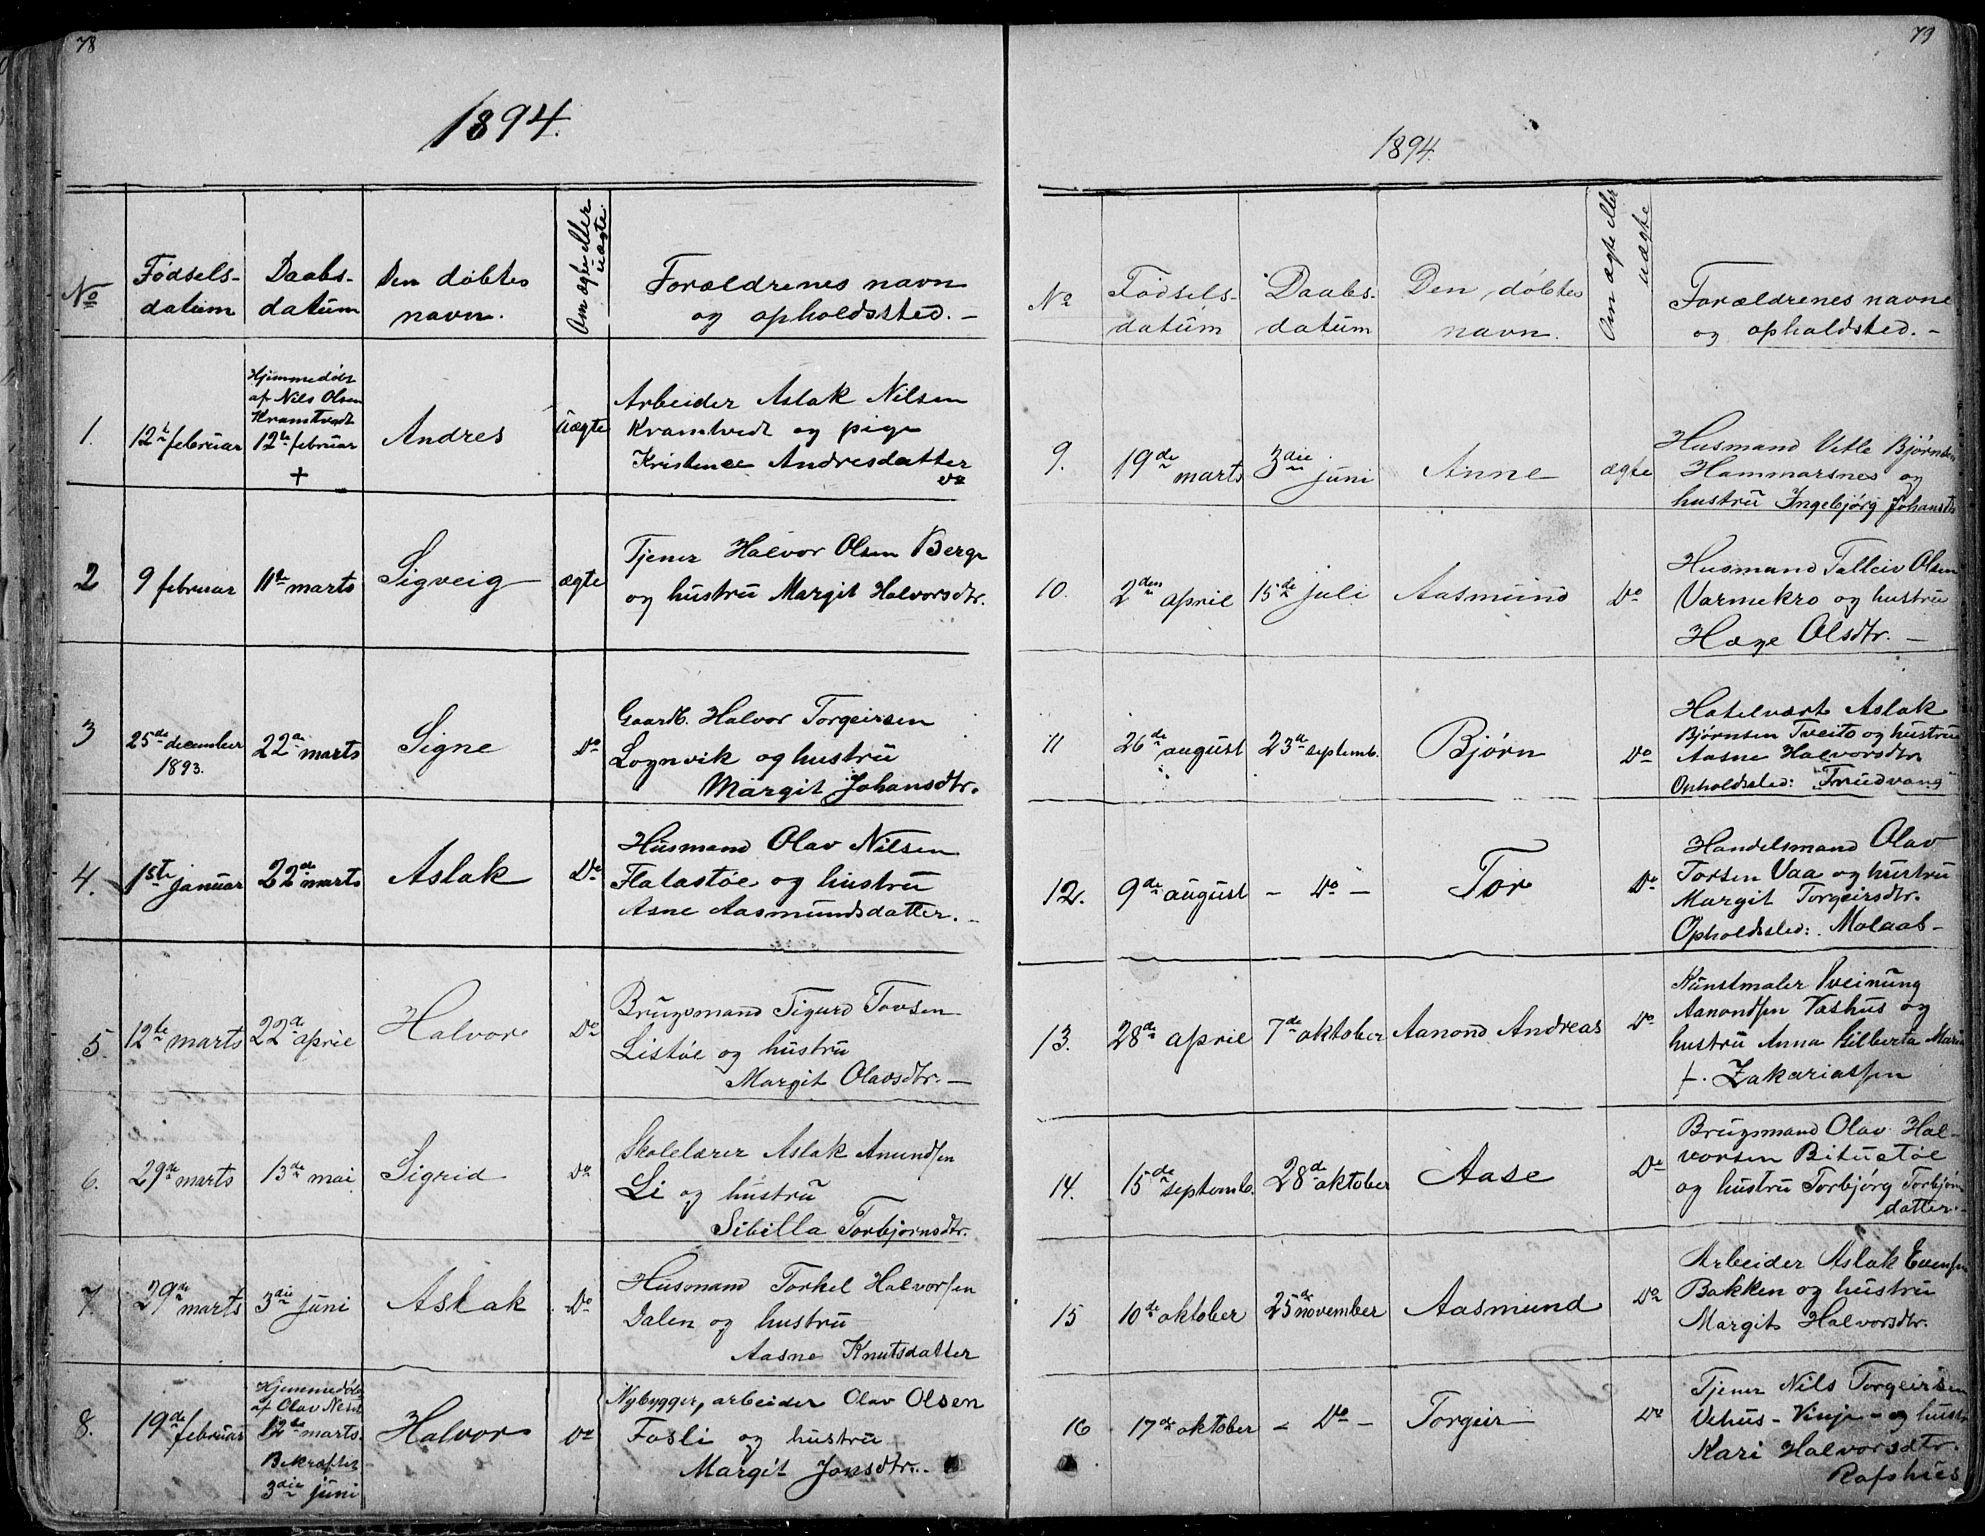 SAKO, Rauland kirkebøker, G/Ga/L0002: Klokkerbok nr. I 2, 1849-1935, s. 78-79